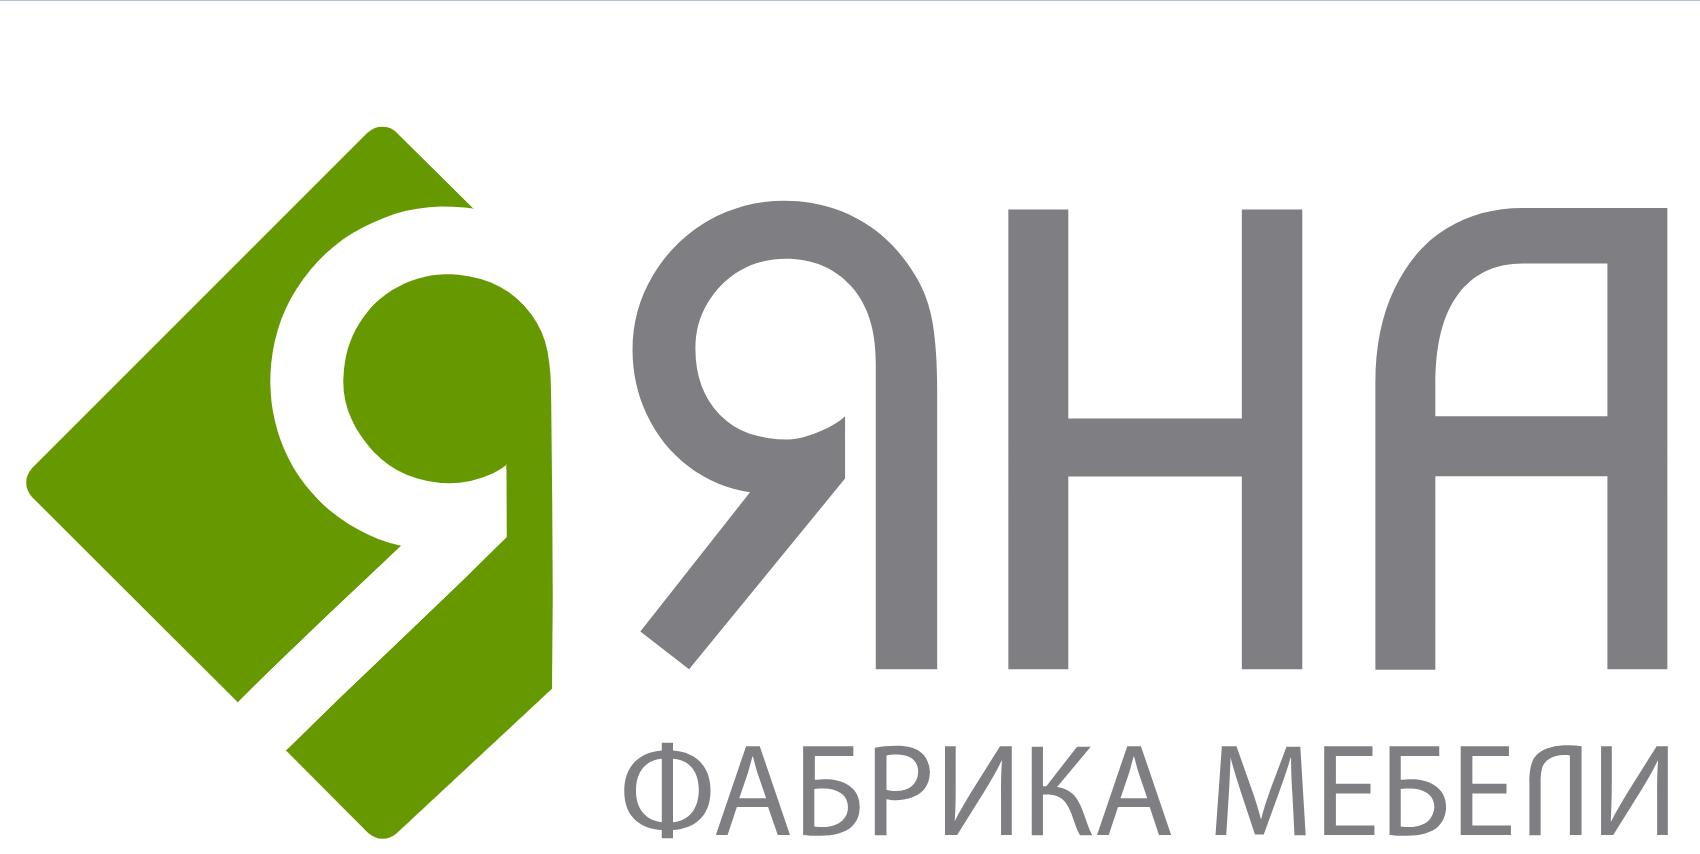 Яна (Ростов-на-Дону)